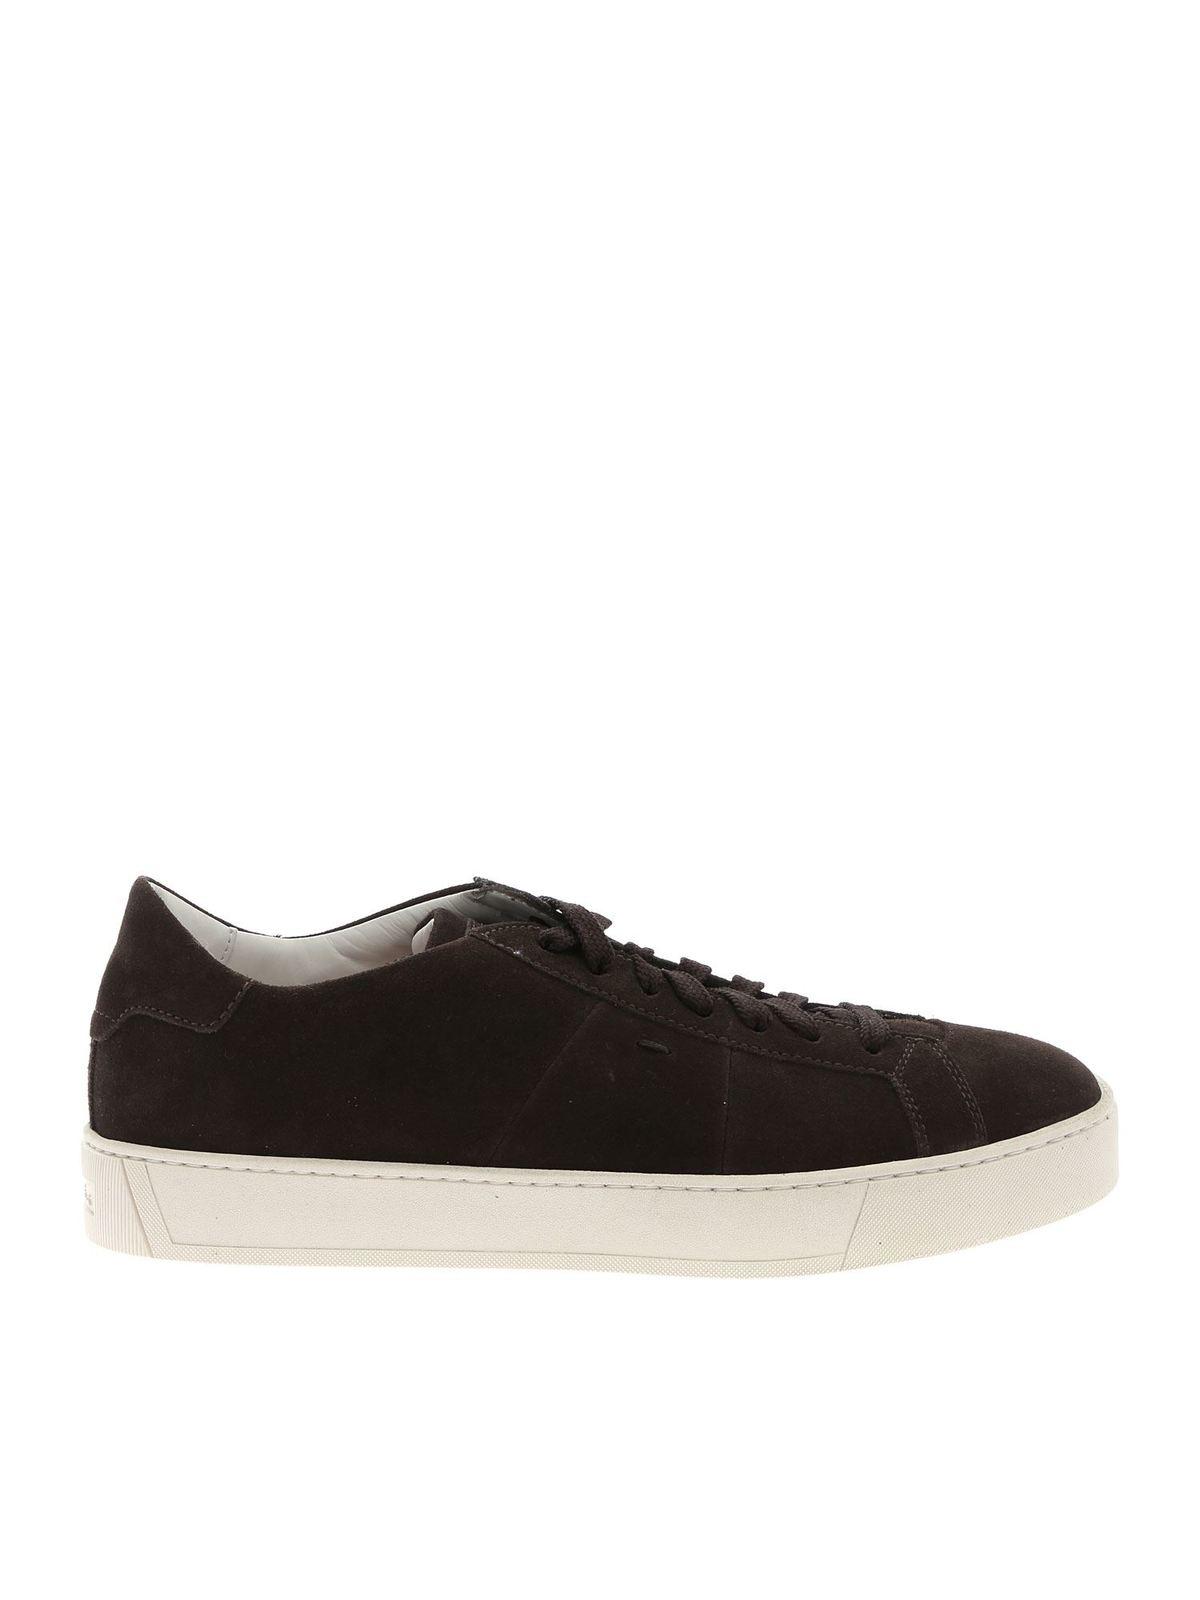 Santoni Sneaker Braun Sneaker MBGL21035PNNBHBCT50